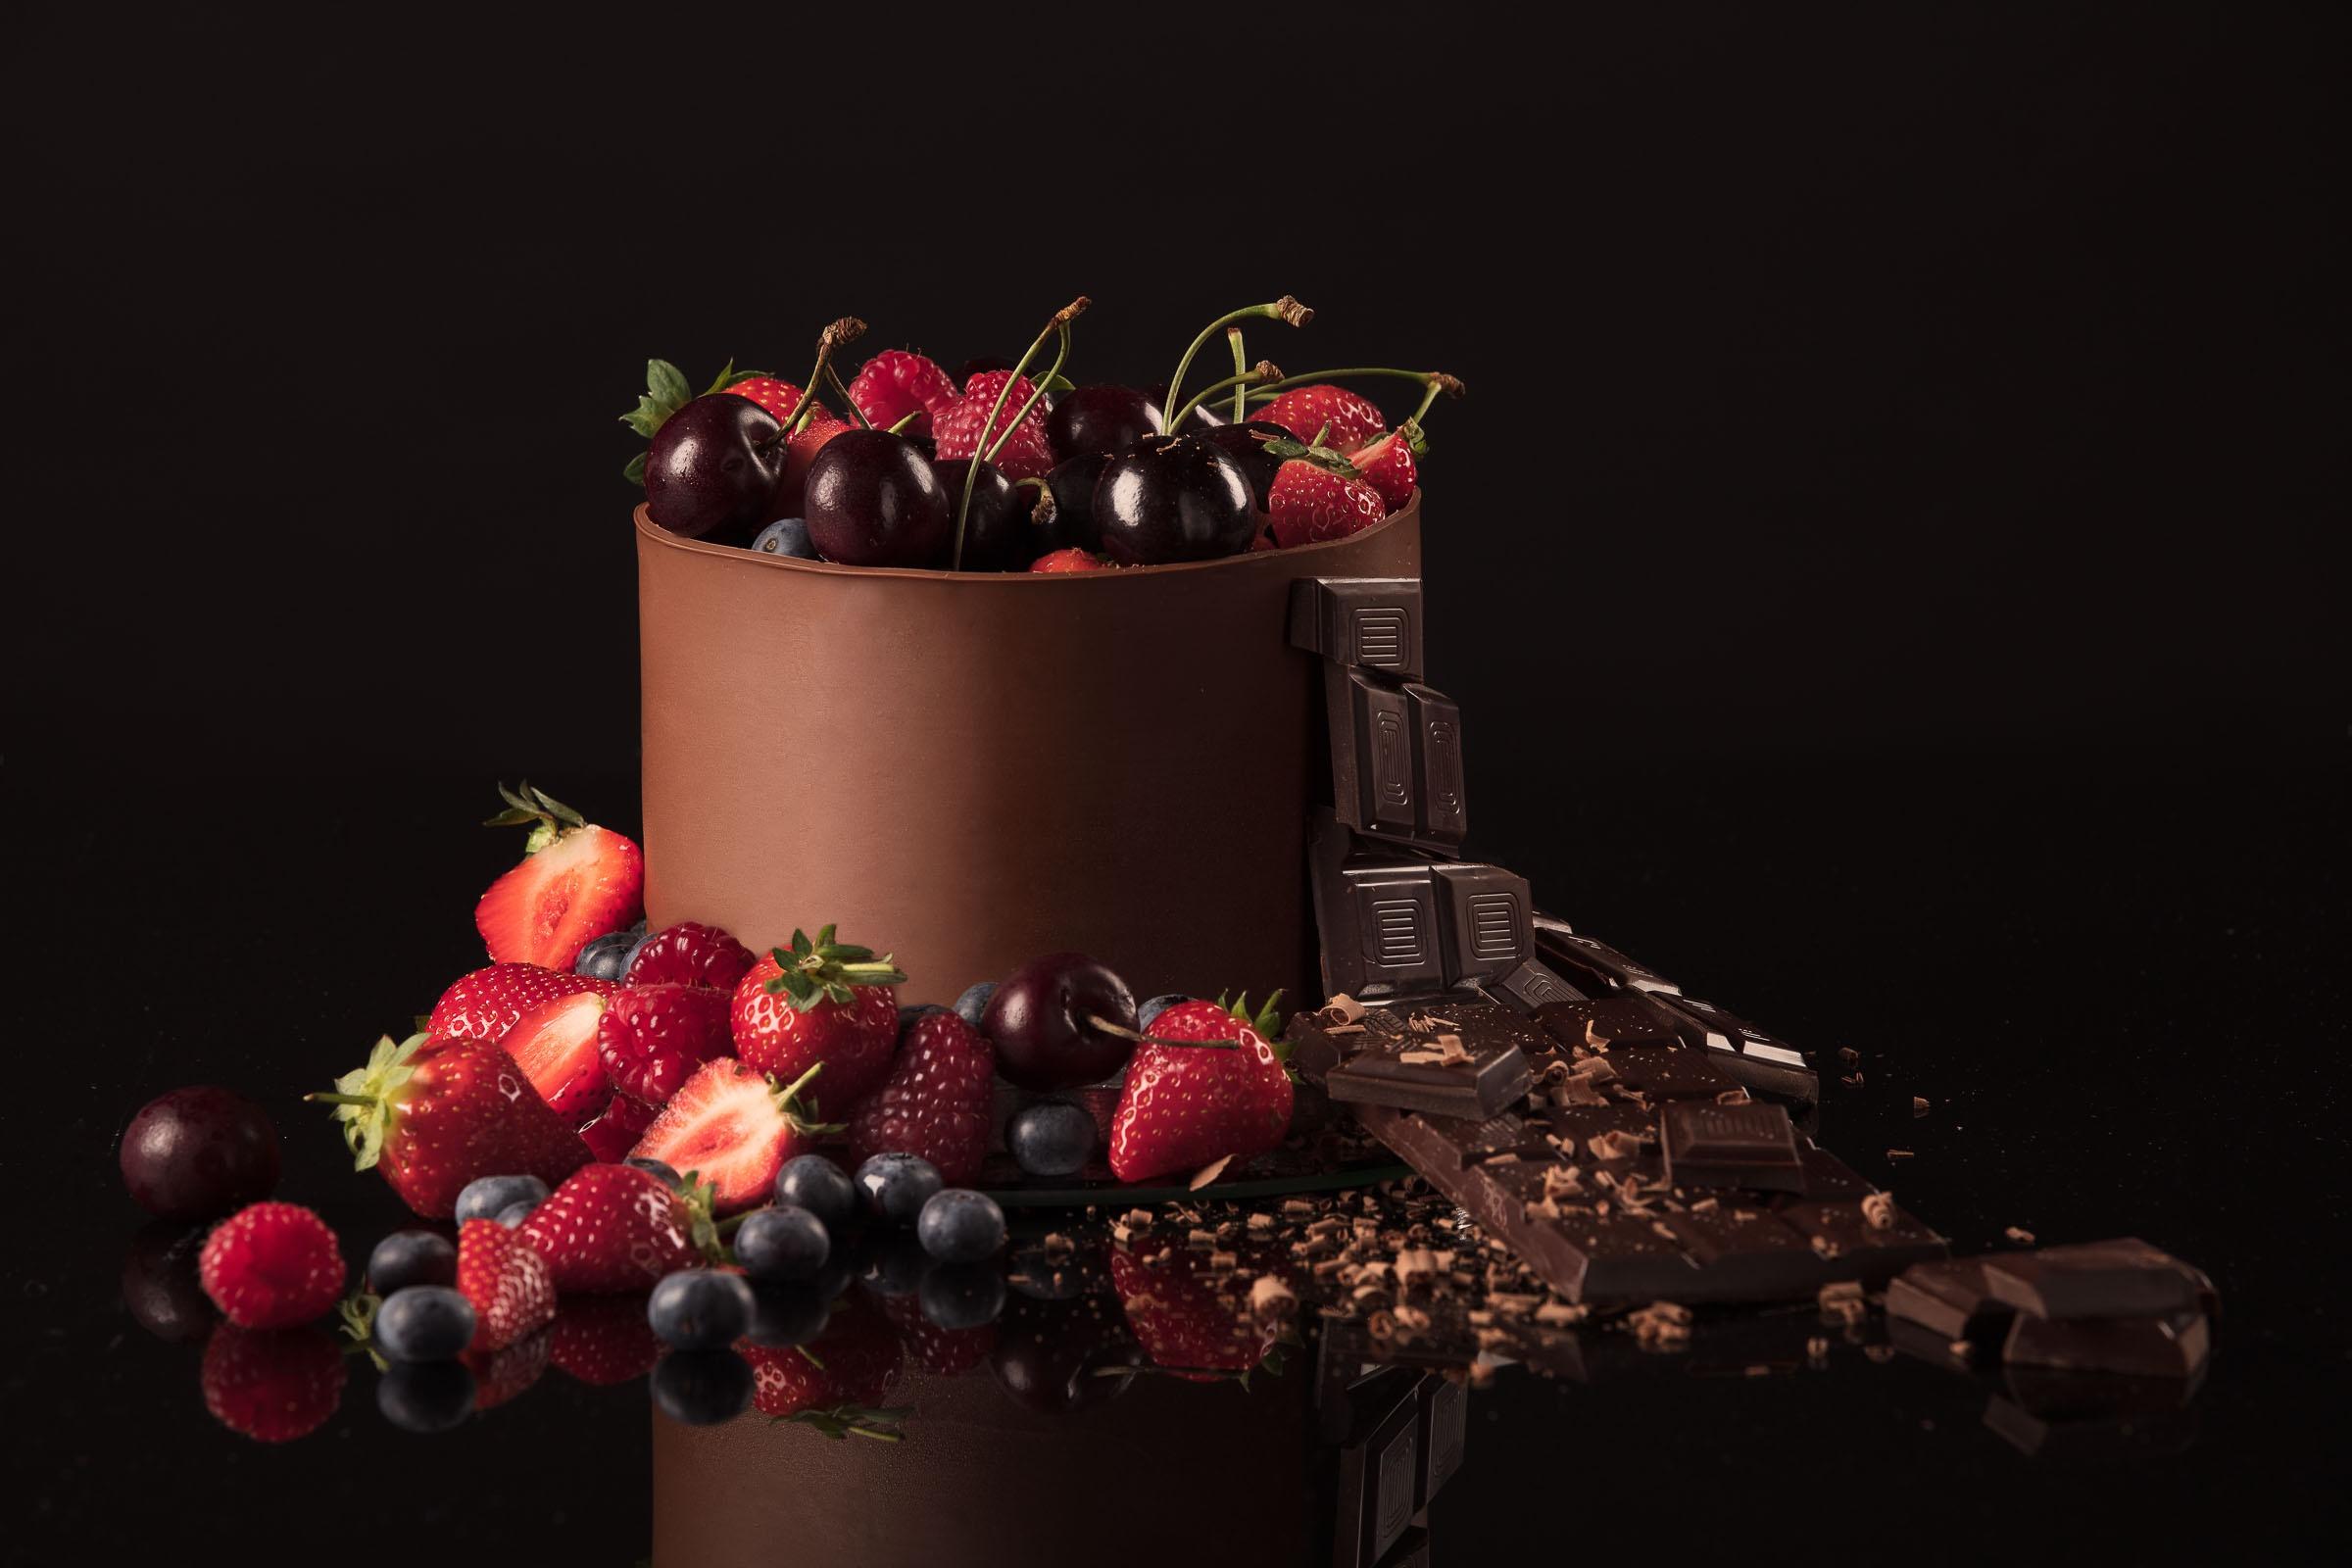 Картинки фрукты с шоколадом